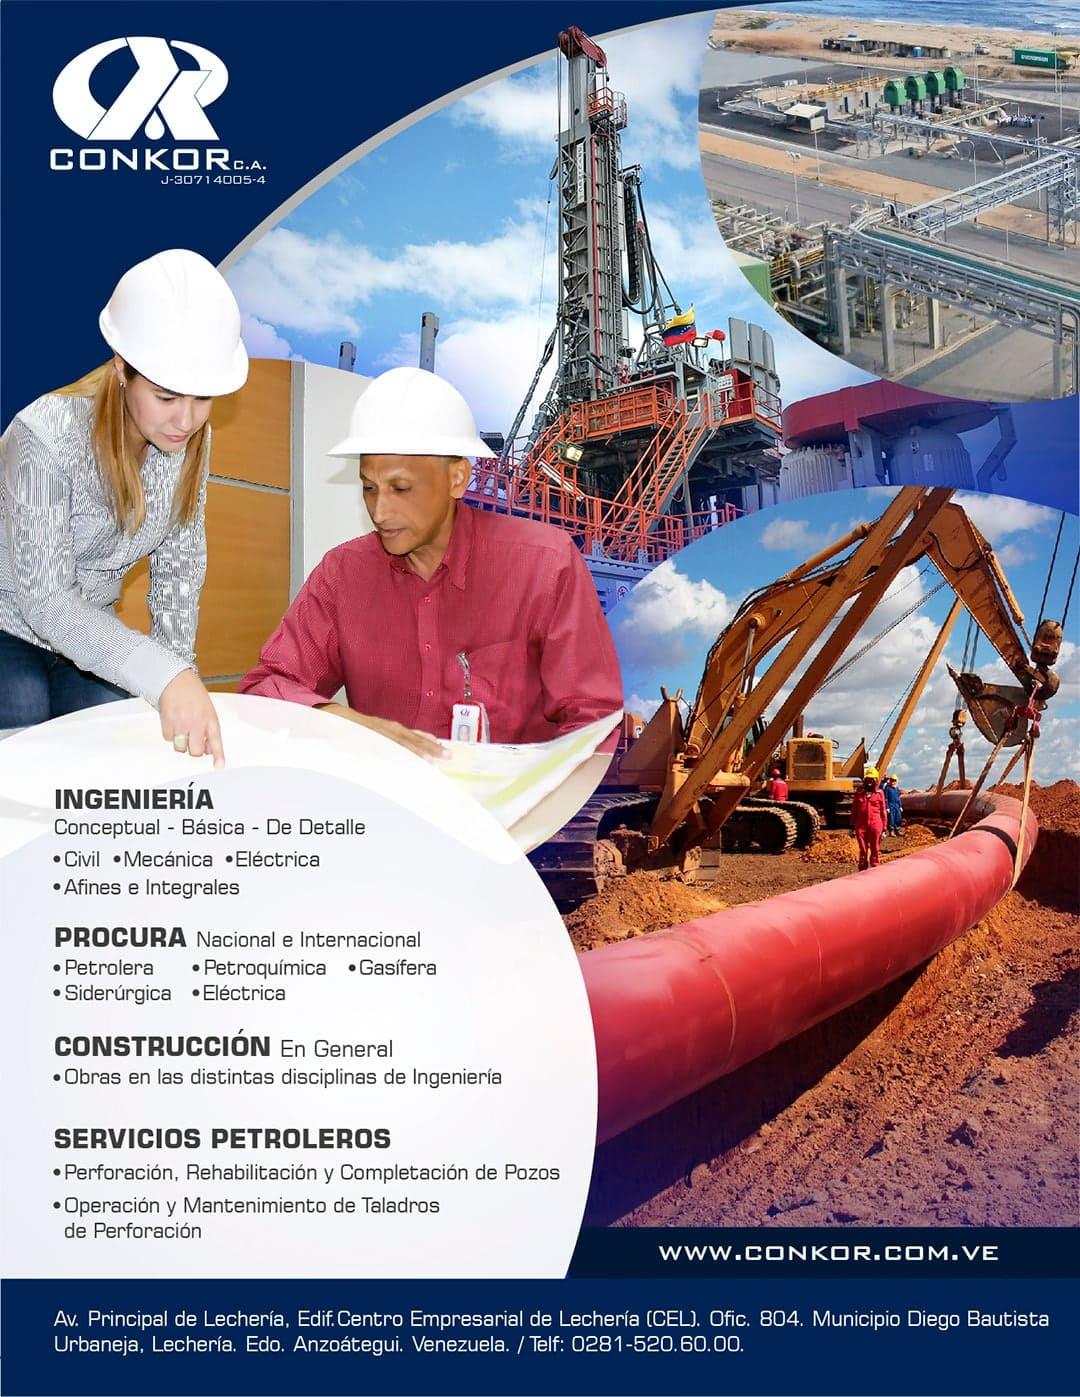 CONKOR. Ingeniería, Procura, Construcción, Servicios Petroleros